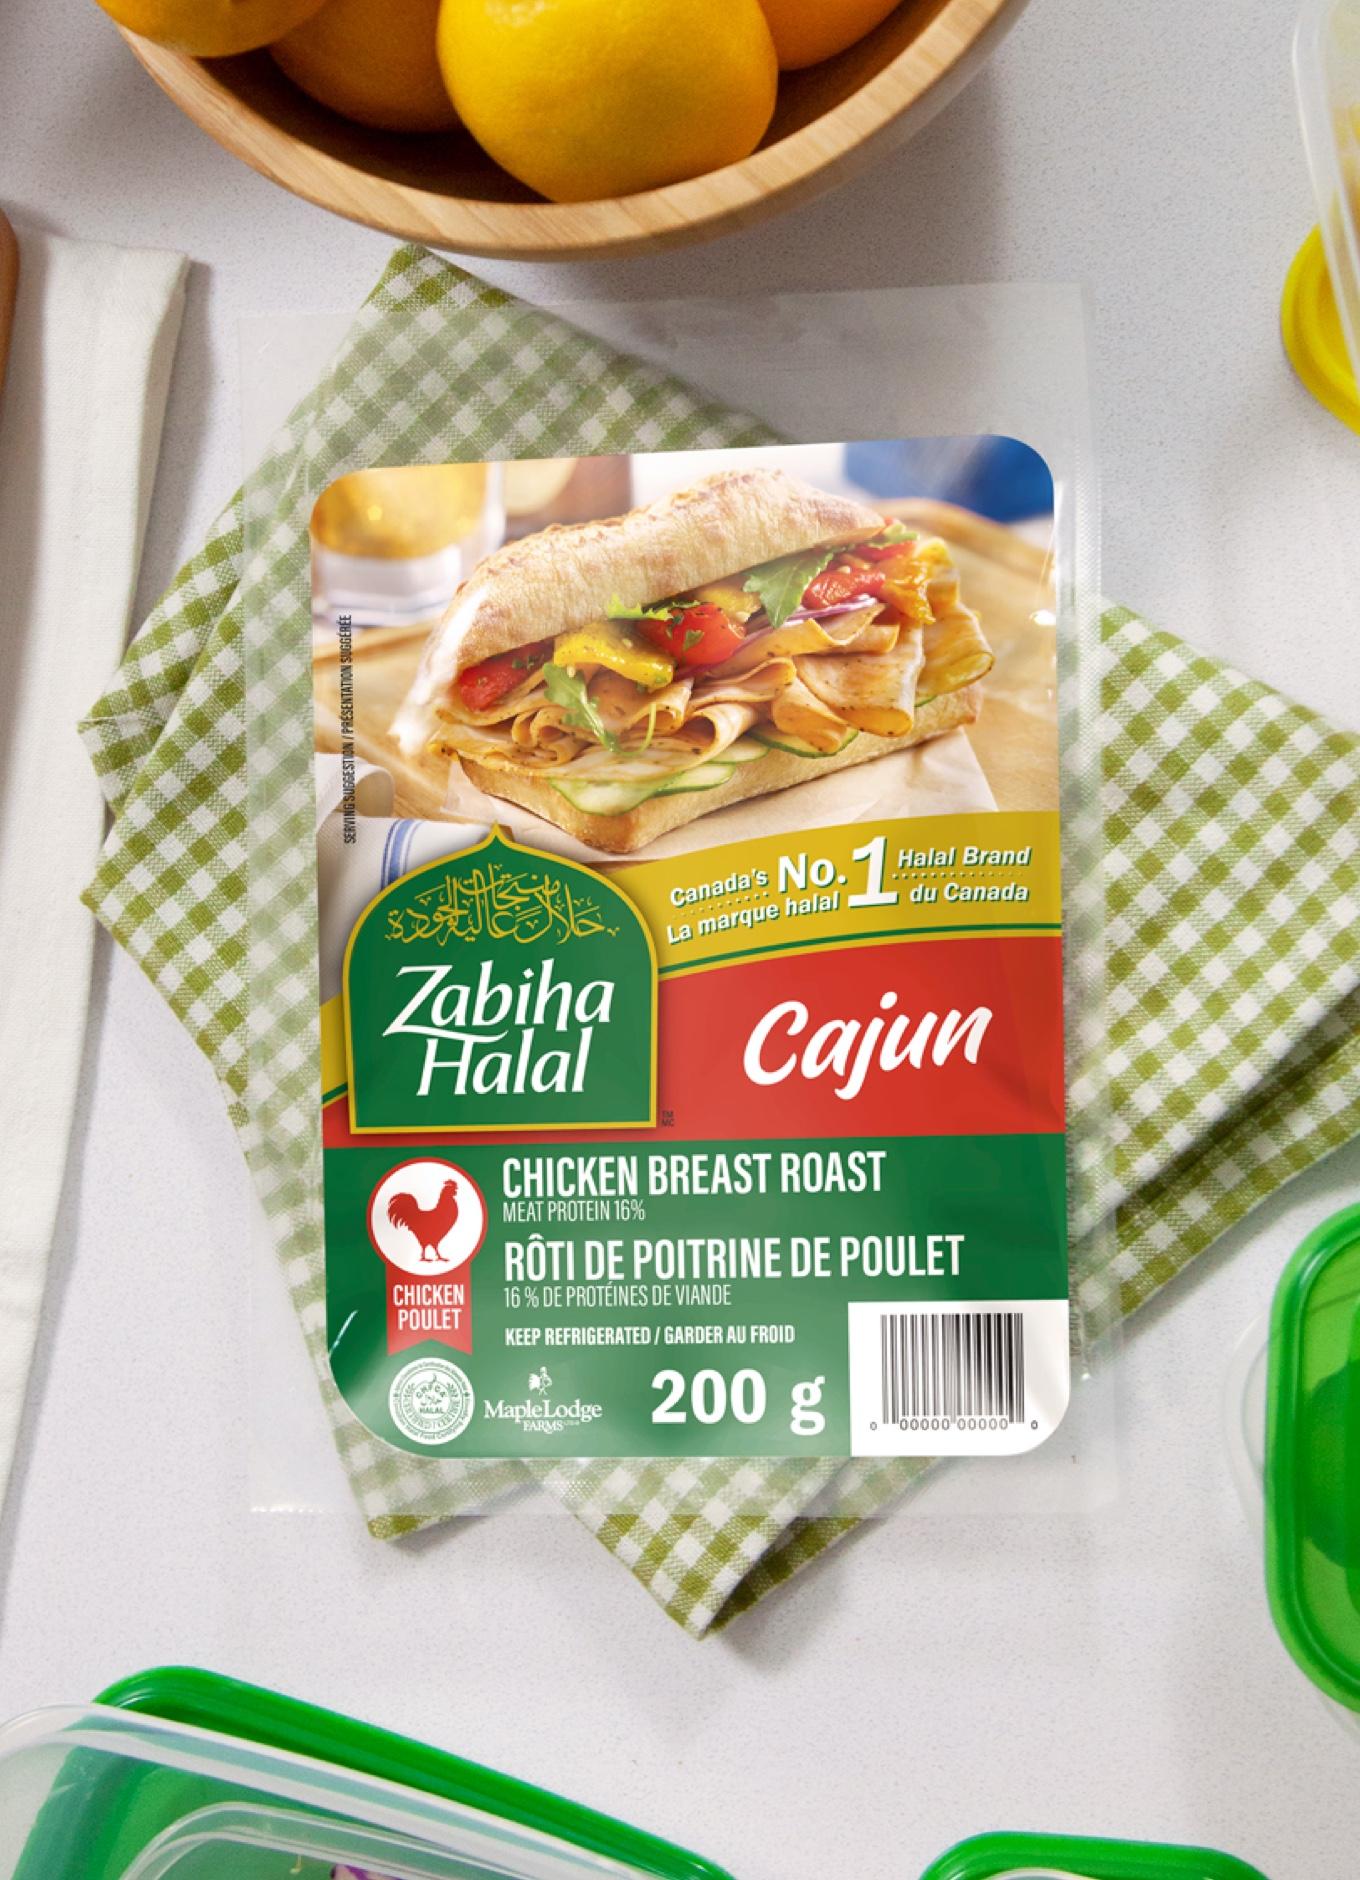 Un emballage de tranches de charcuterie à la cajun Zabiha Halal sur une table dressée.